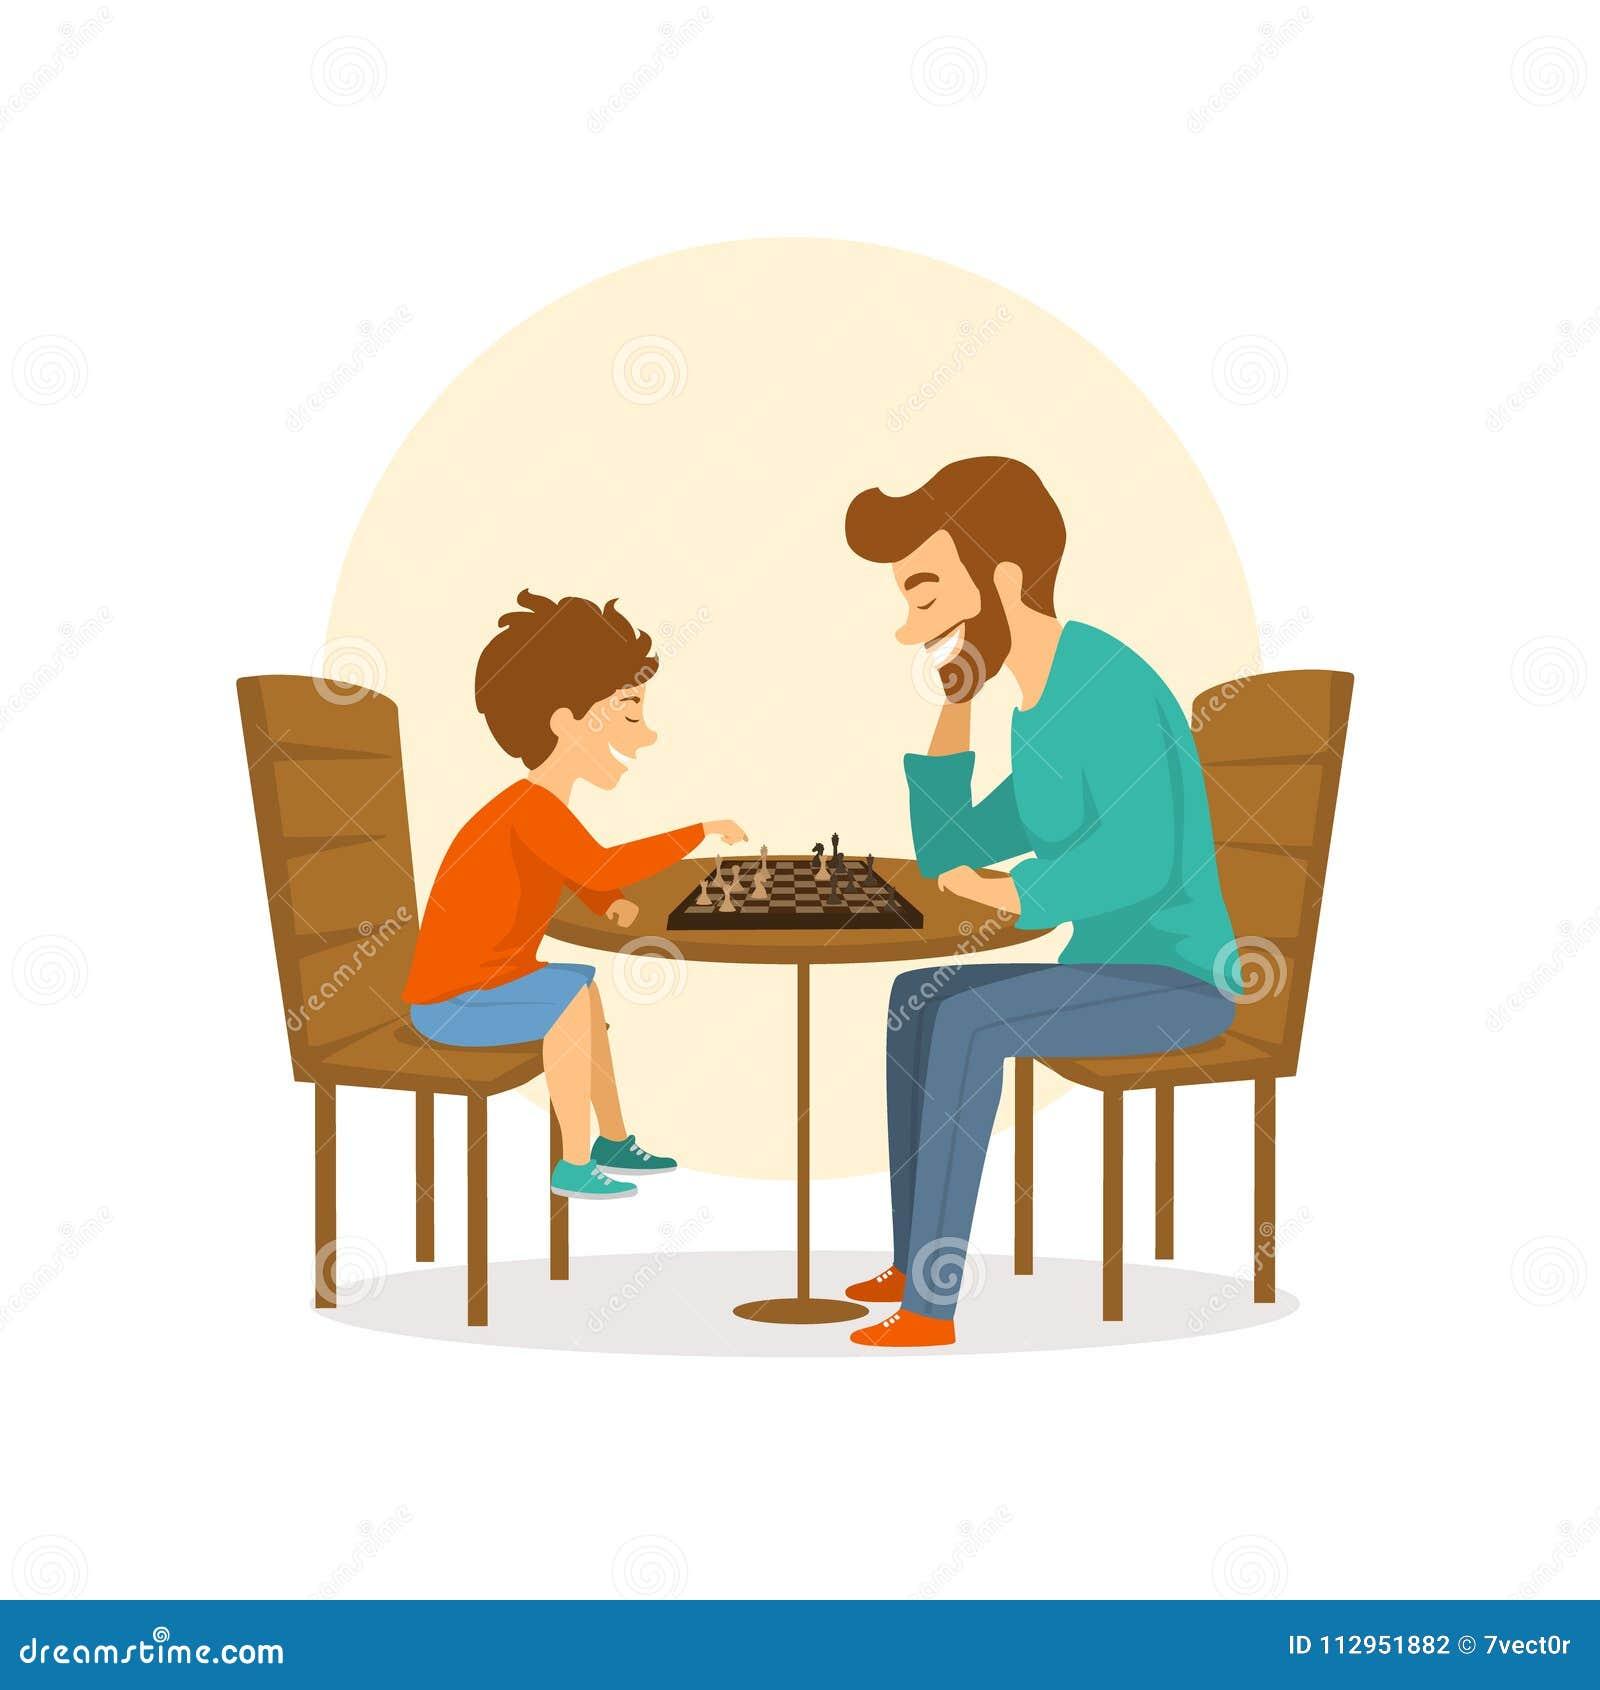 Fadern och sonen, mannen och pojken som spelar schack tillsammans, gyckel isolerade vektorillustrationen